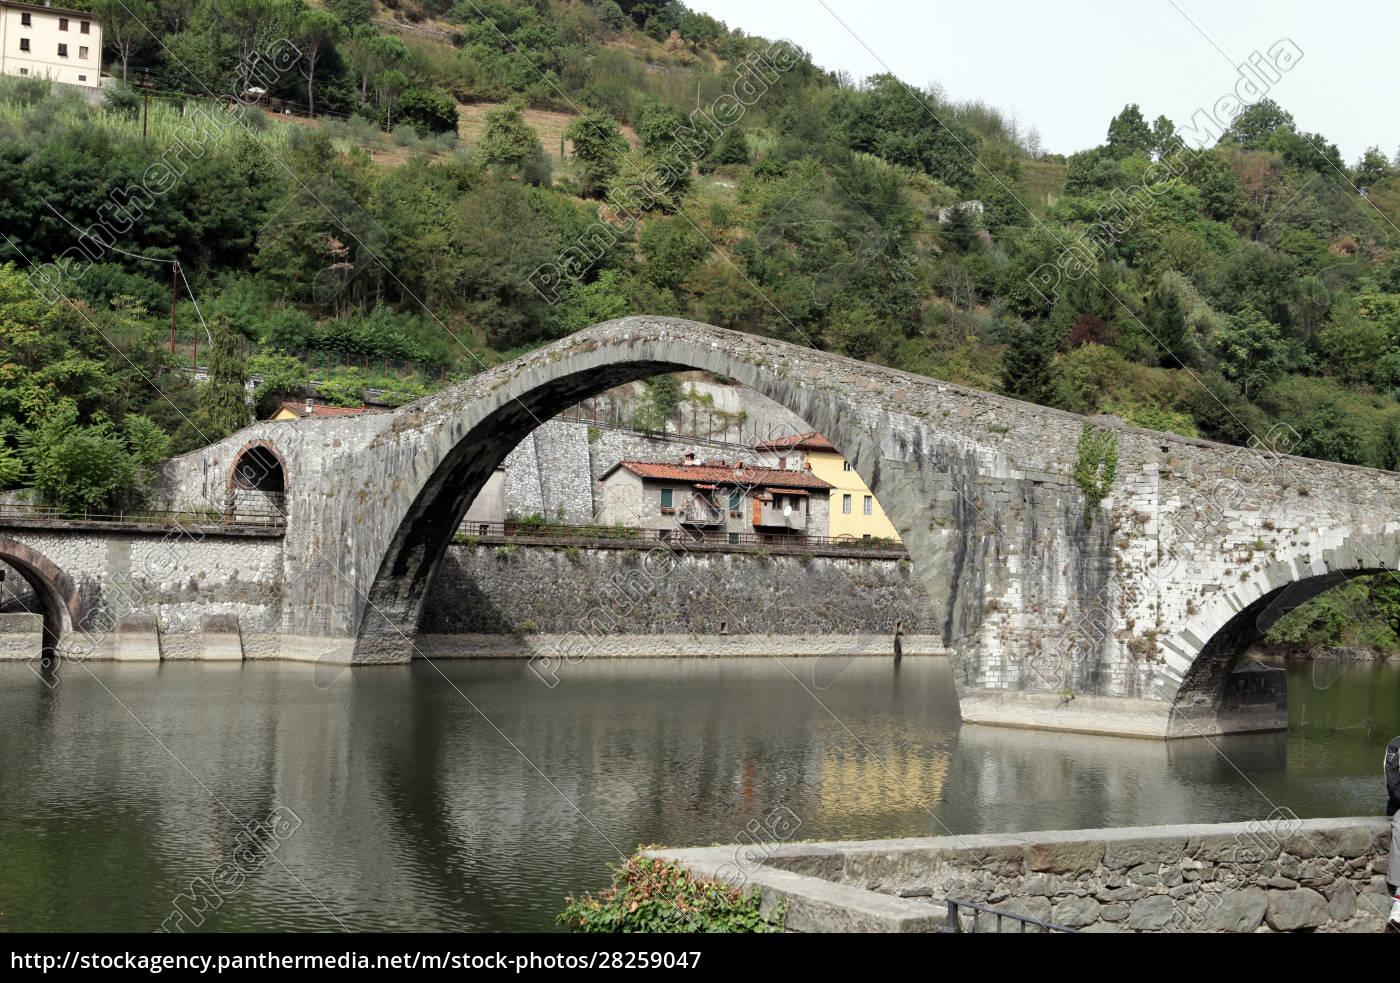 ponte, della, maddalena, across, the, serchio. - 28259047